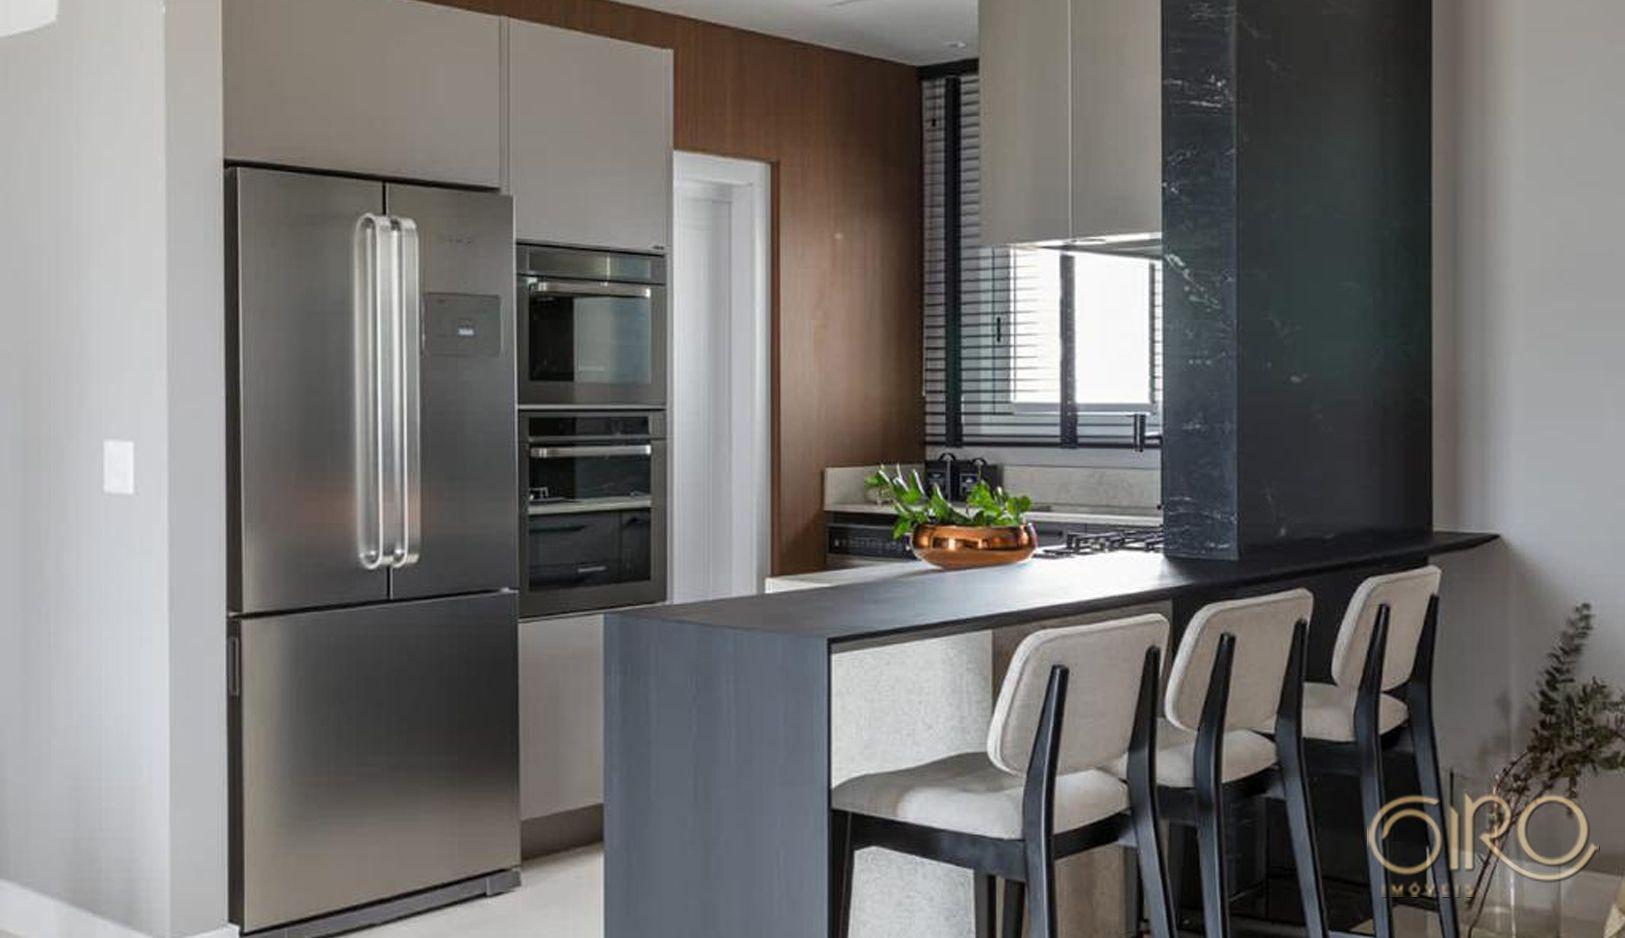 Apartamento Mobiliado, Decorado e Equipado em andar alto no Seredipity em Balneário Camboriú.